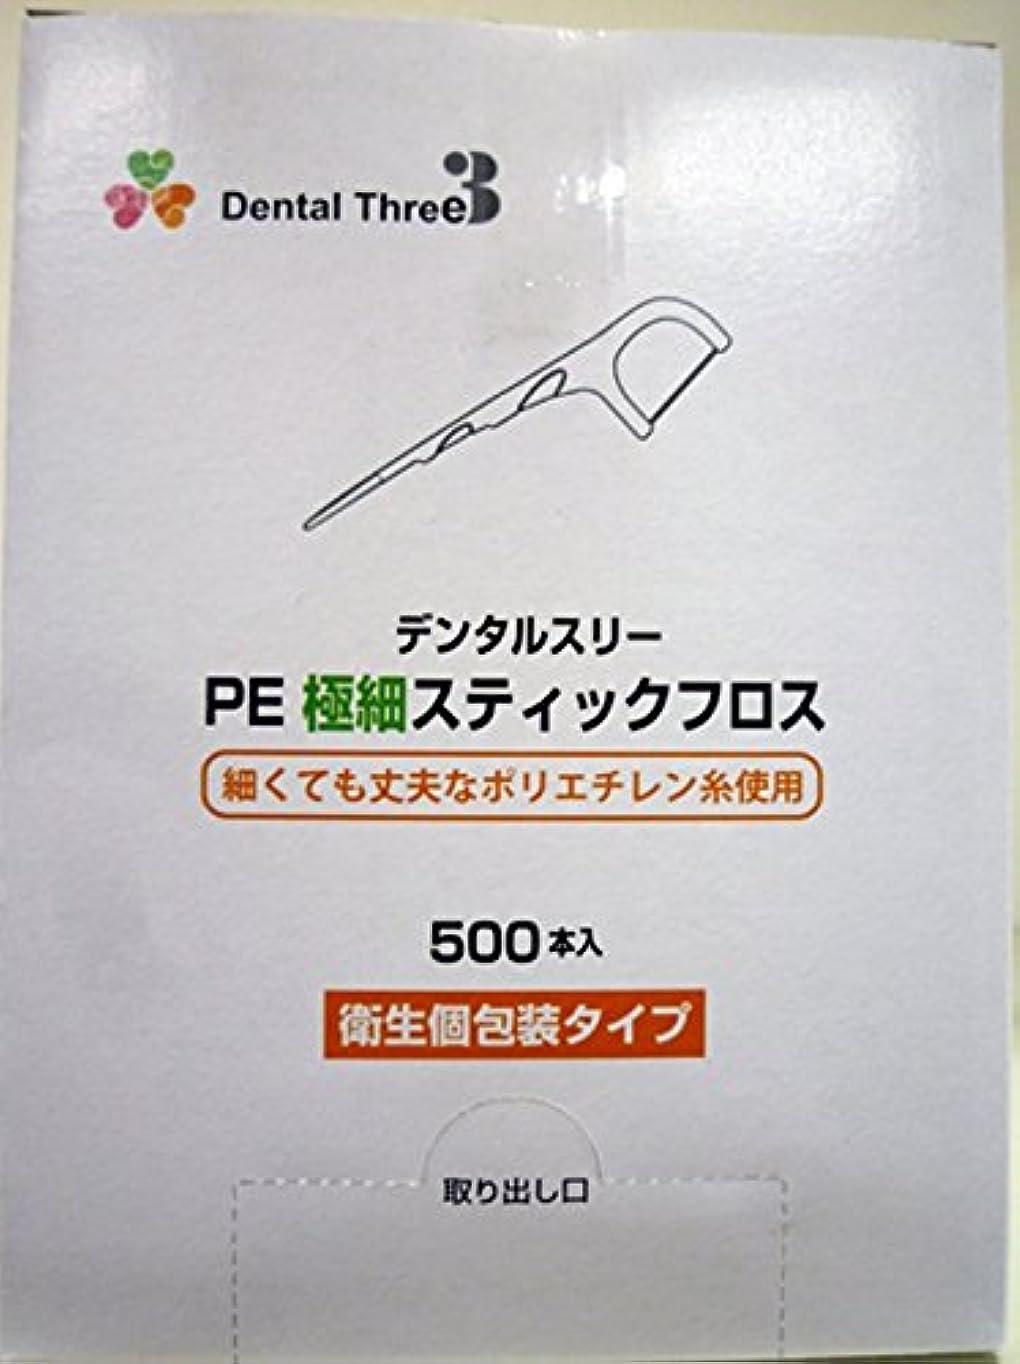 引数恥ずかしさ太いデンタルスリー PE極細スティックフロス 500本入